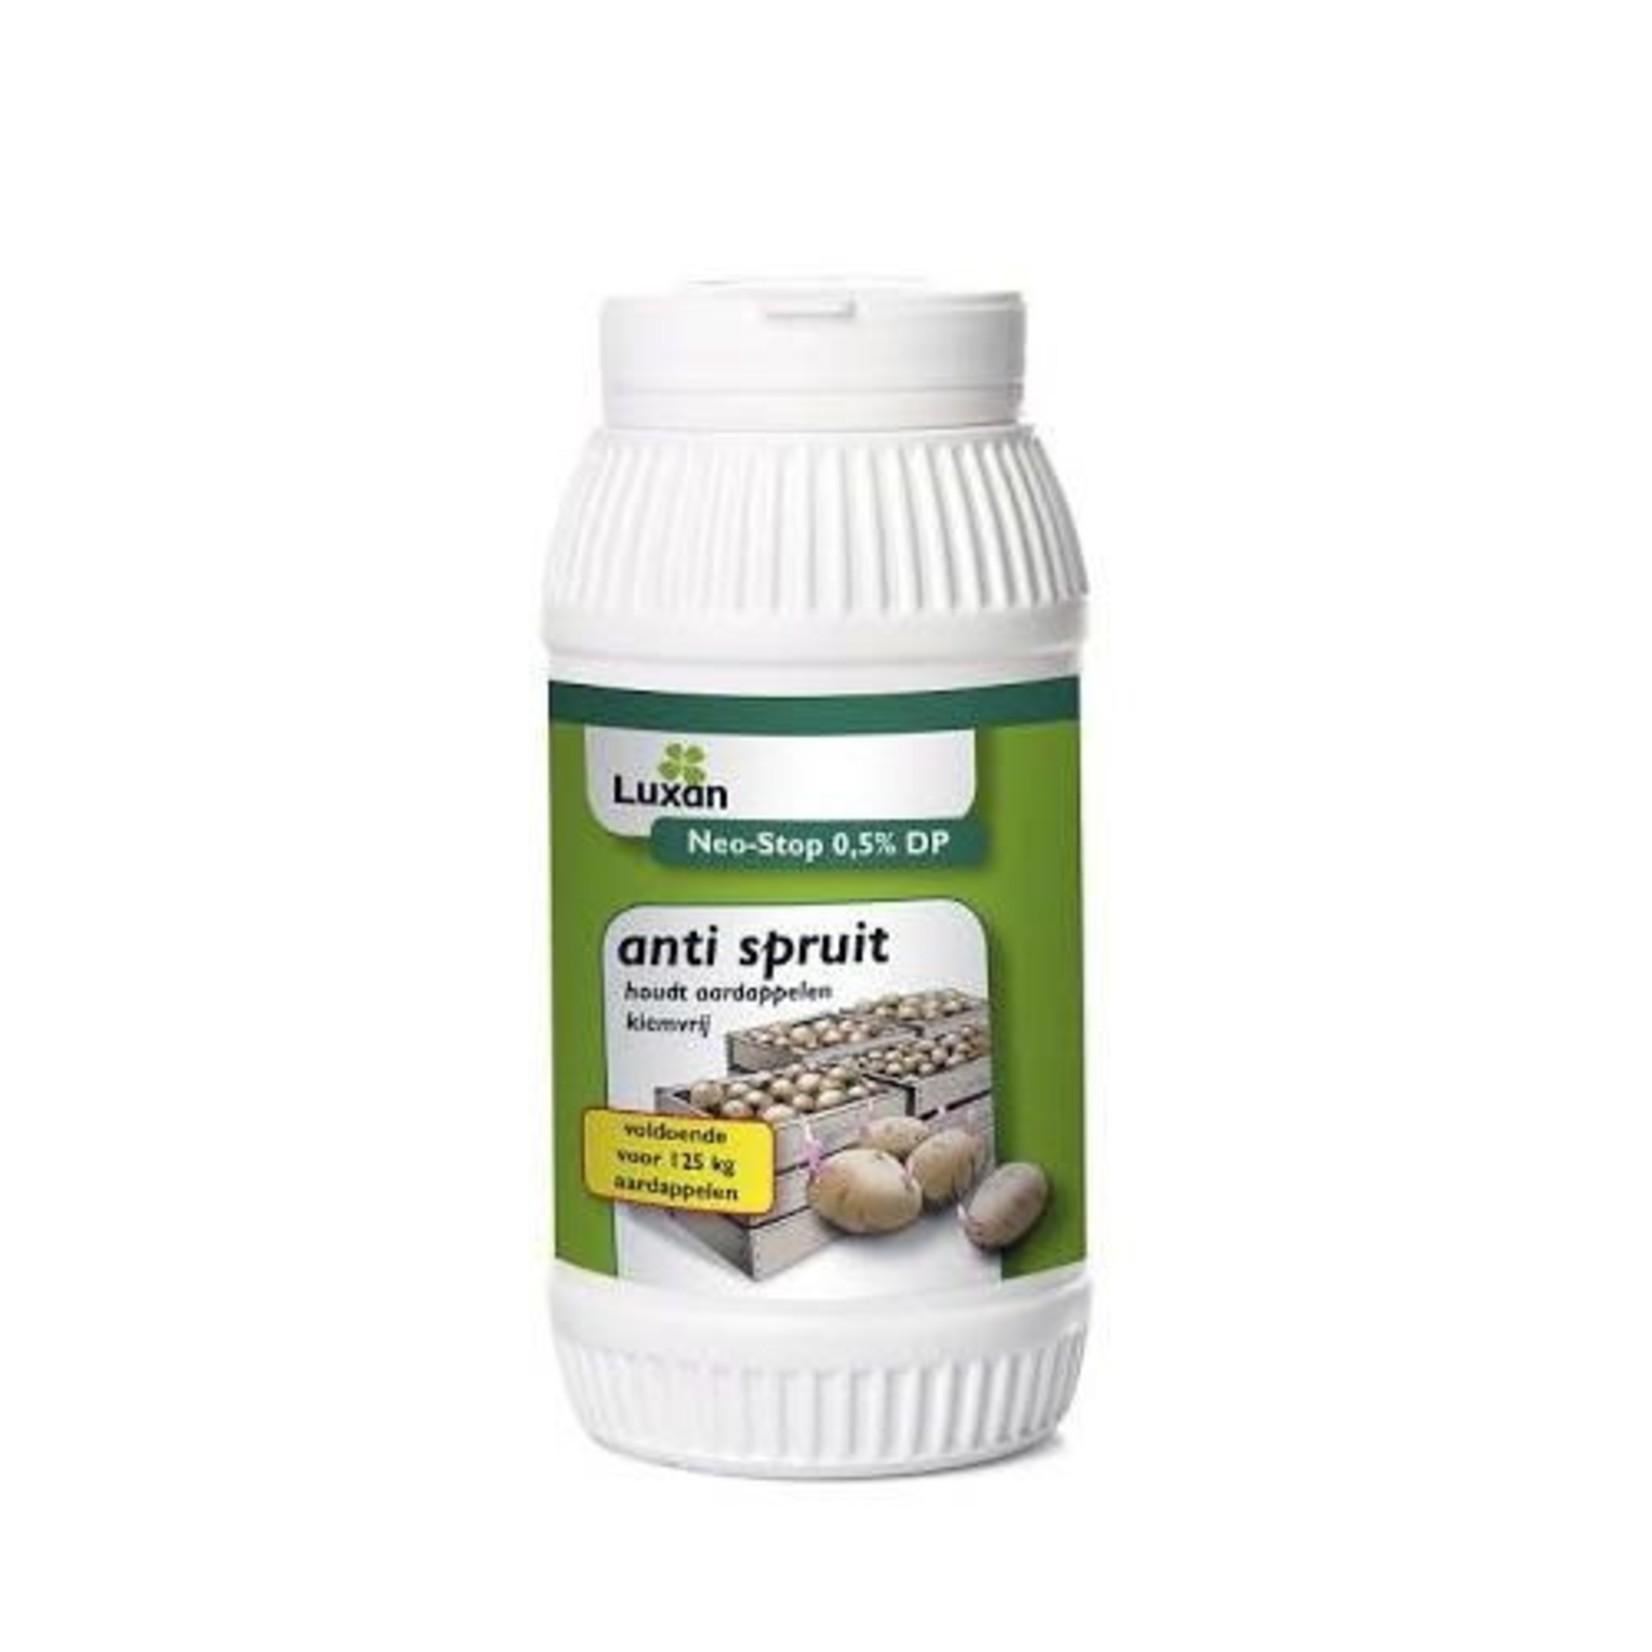 Luxan Neo-conserviet 250 gram Anti-spruit